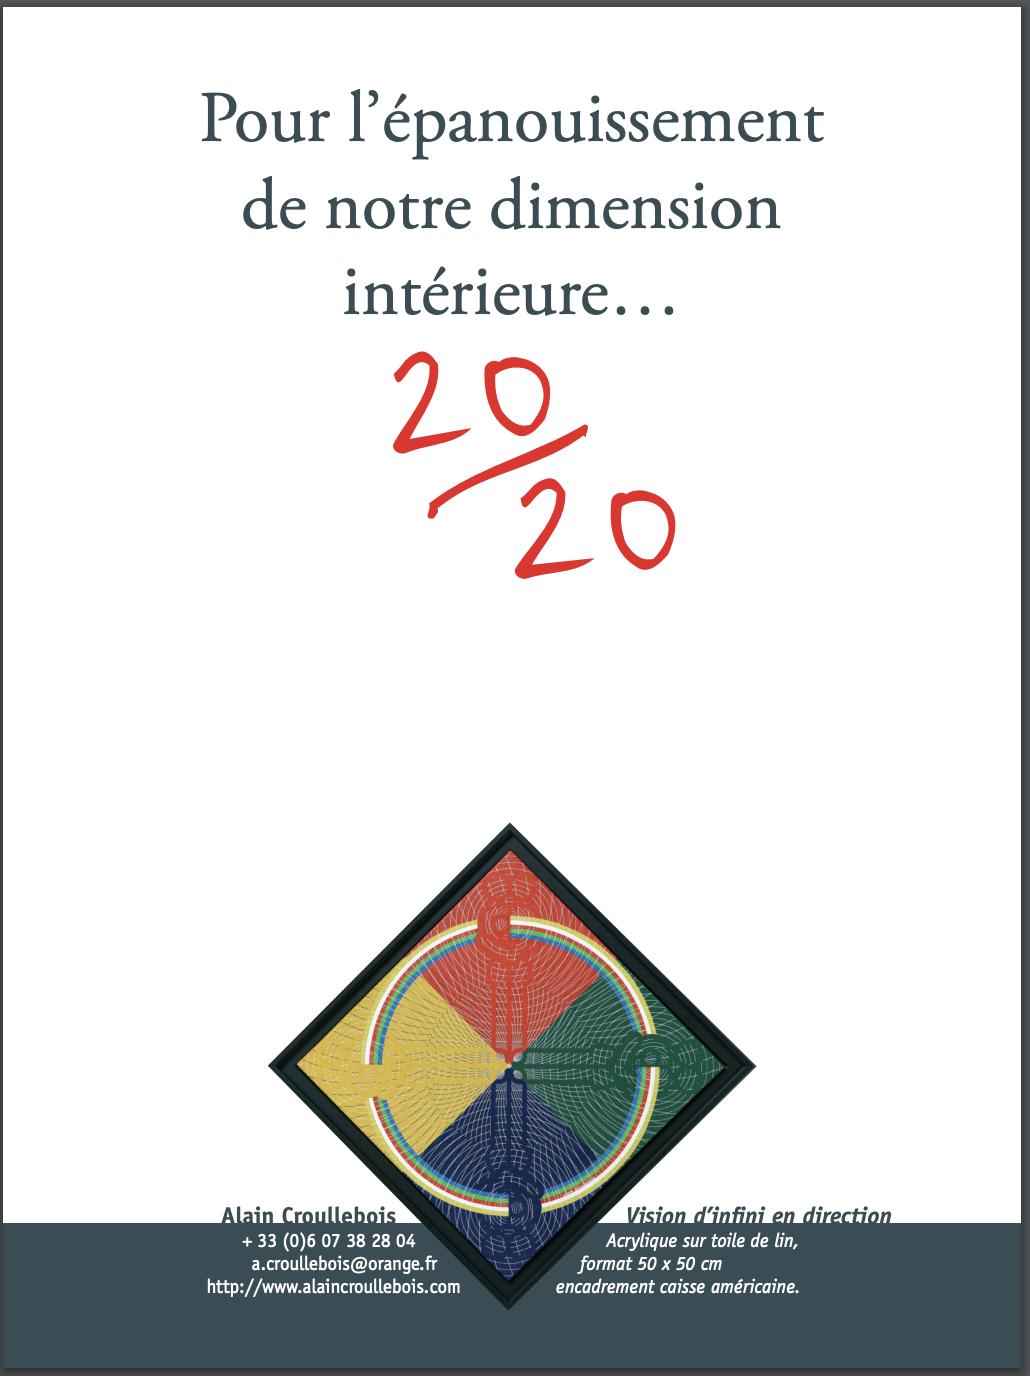 Alain Croullebois, Luzech (46)